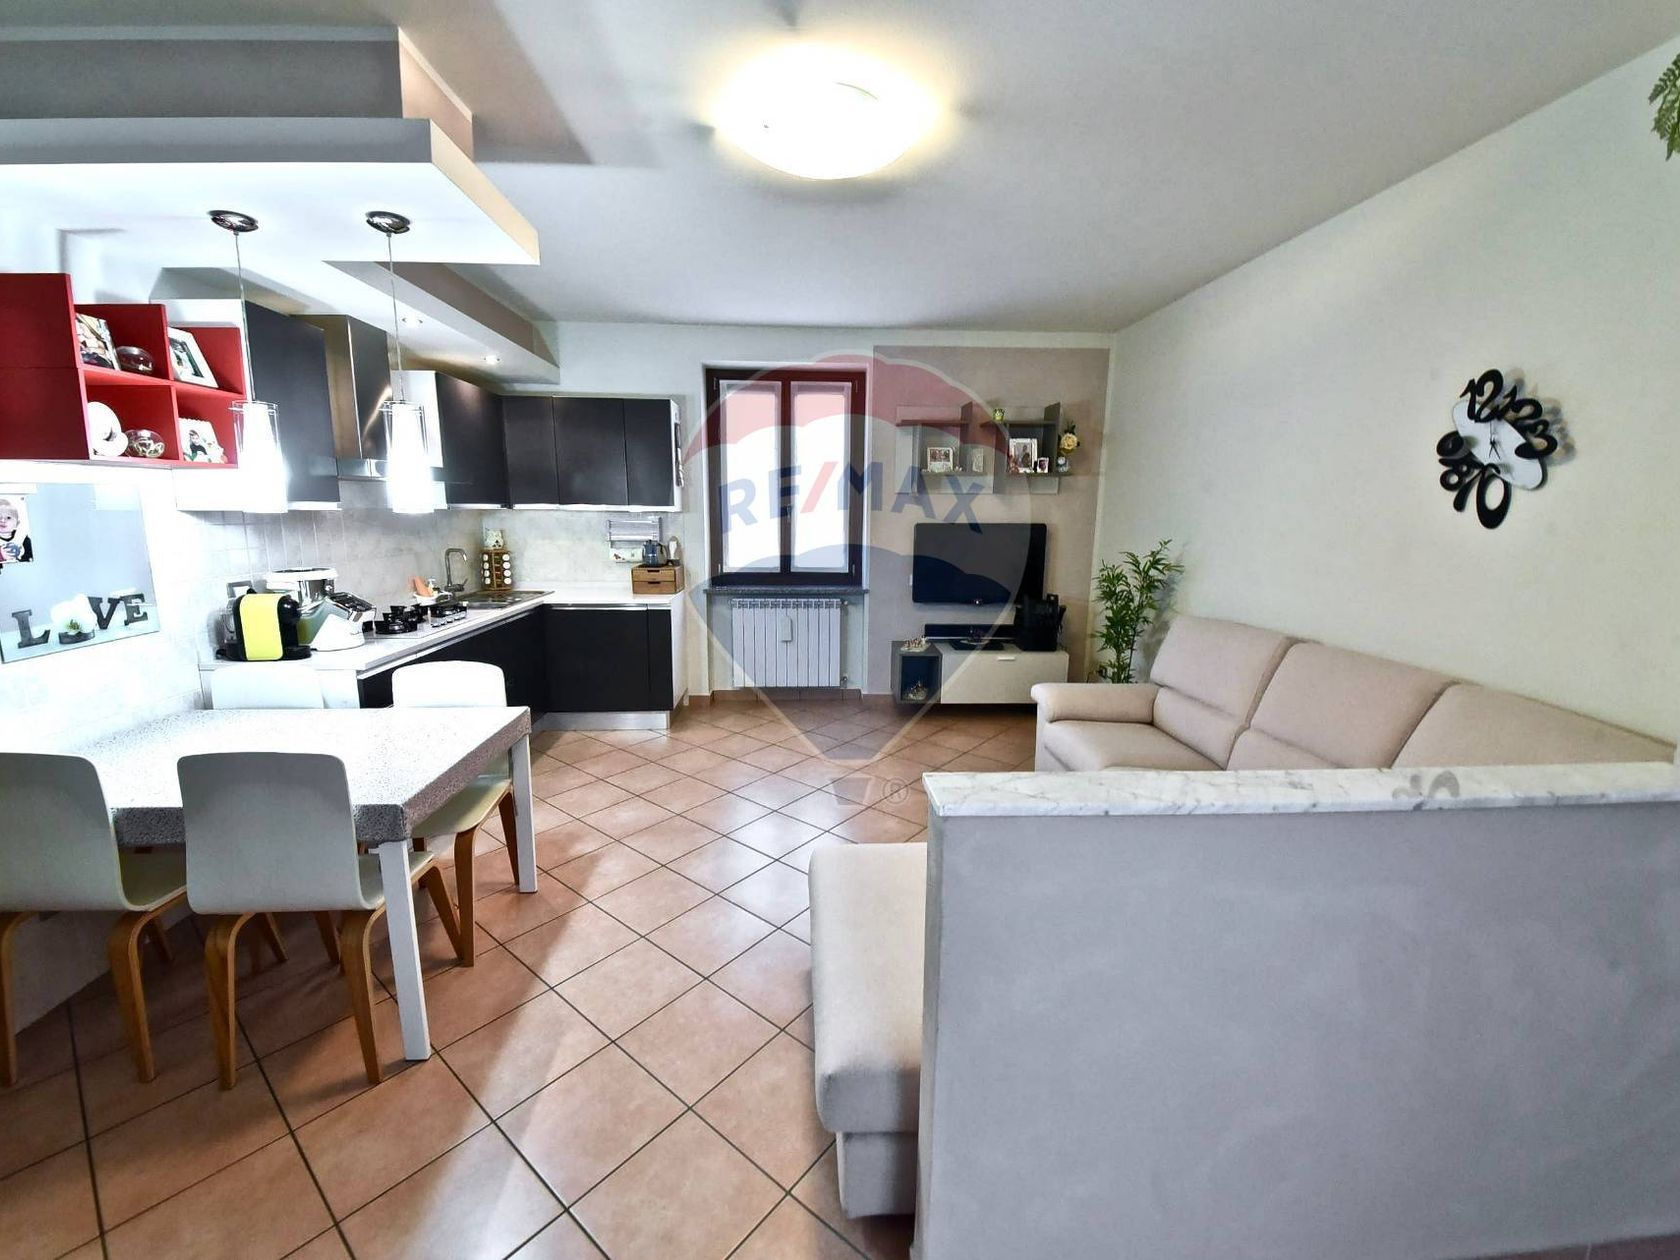 Appartamento Gorla Minore, VA Vendita - Foto 7